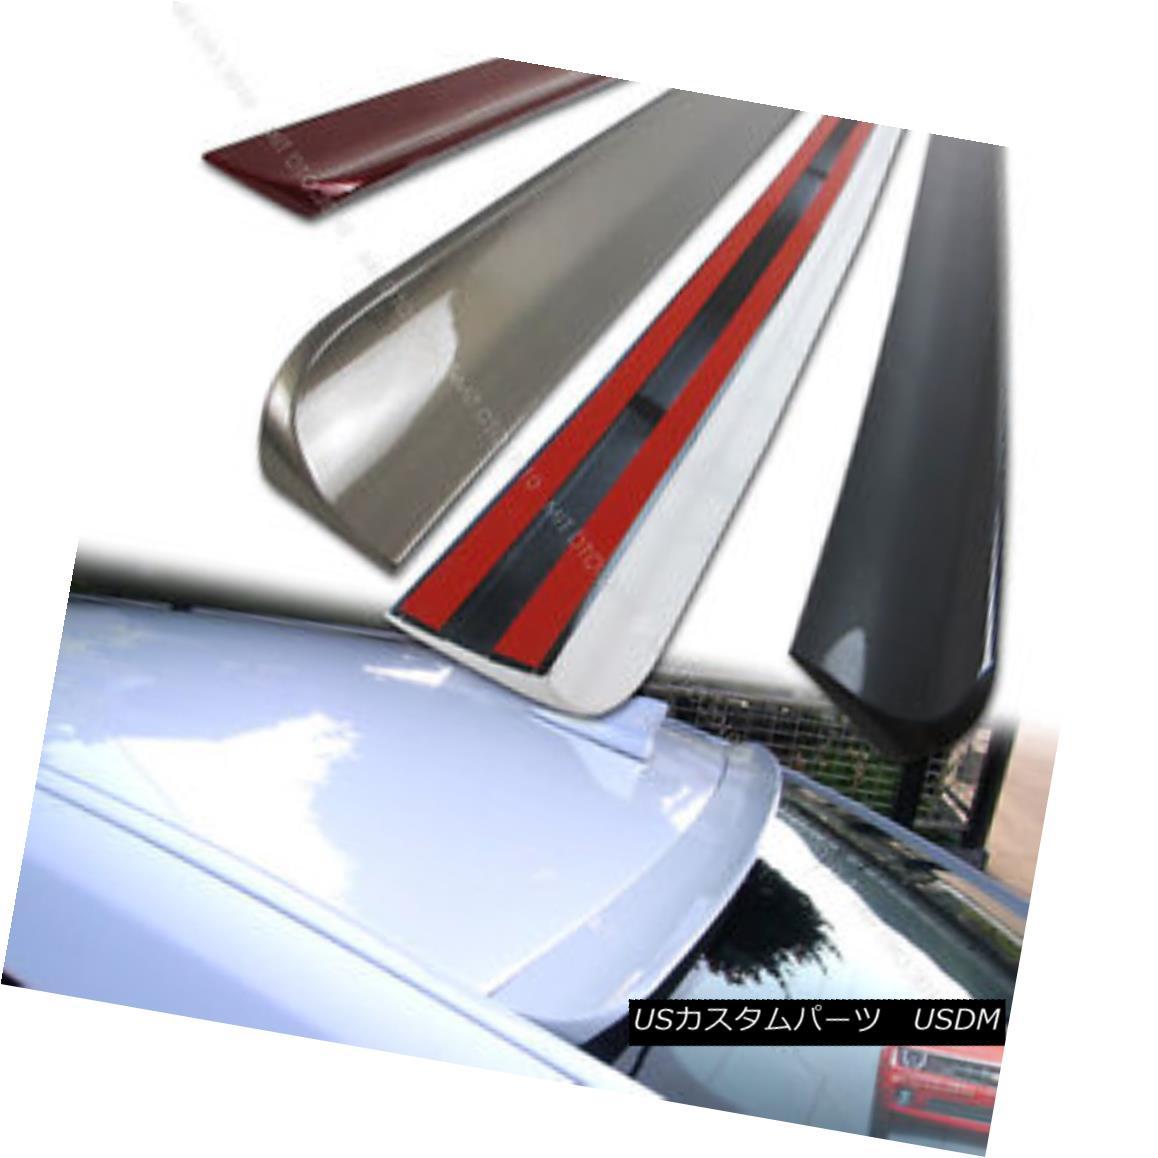 エアロパーツ Painted Mercedes BENZ C-Class W204 08-13 Rear Roof Lip Spoiler Wing SEDAN #040 § 塗装メルセデスベンツCクラスW204 08-13リアルーフリップスポイラーウイングSEDAN#040